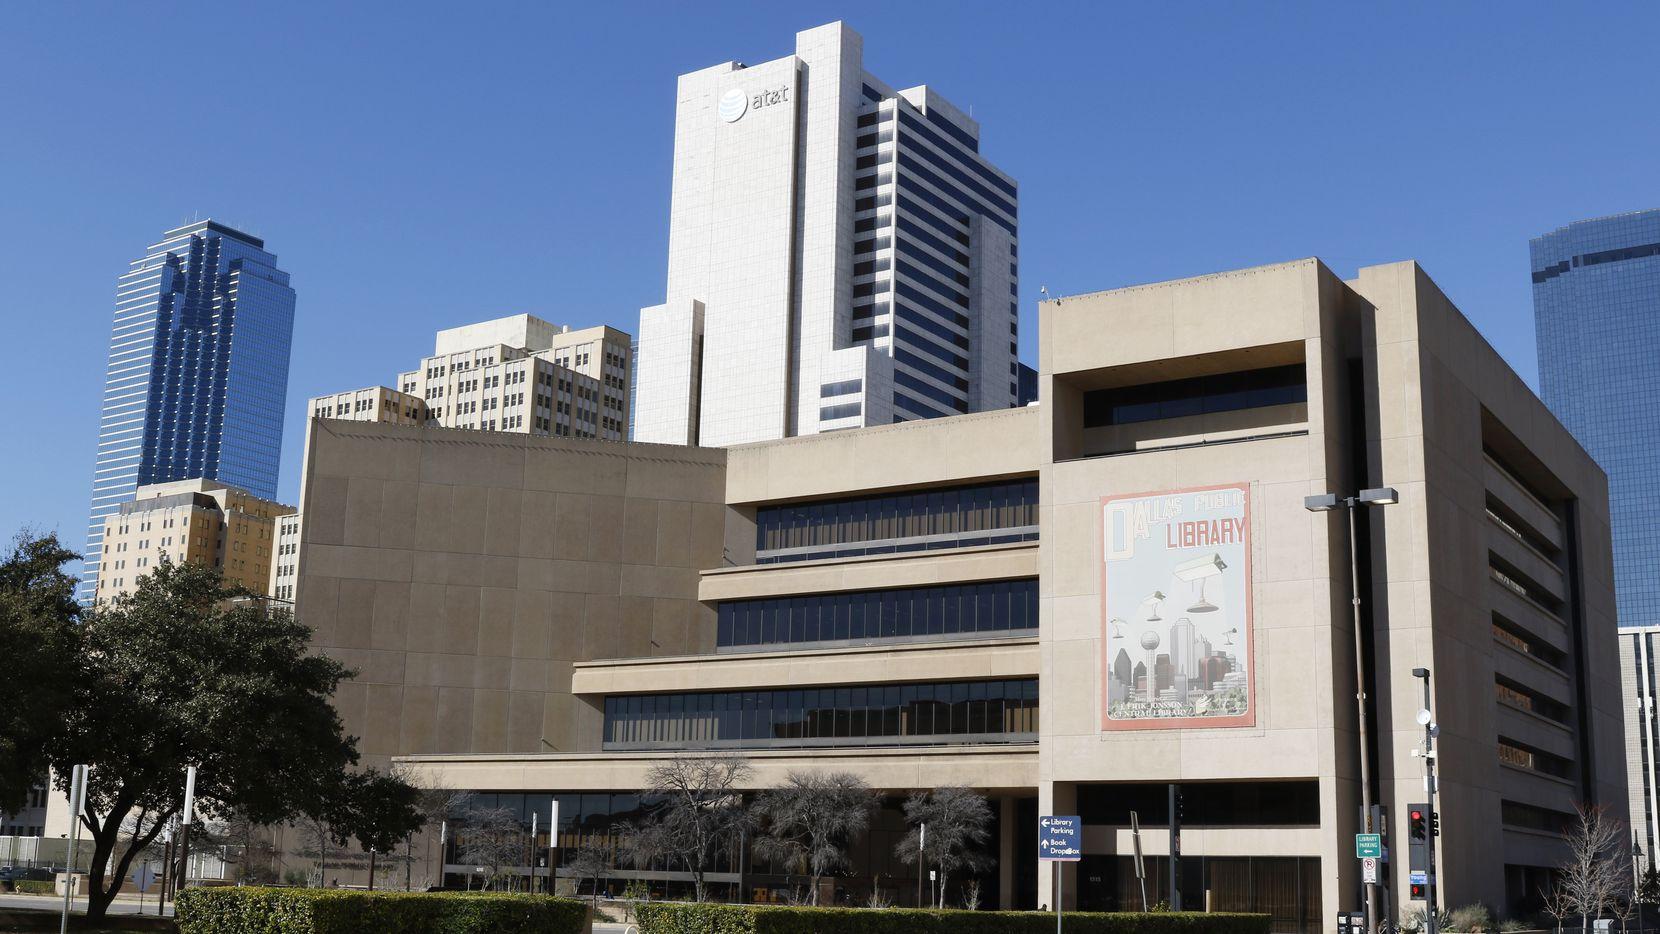 La Biblioteca Central J. Erik Jonsson Central en el centro de Dallas permanecerá cerrada al igual que las otras sucursales en la ciudad de Dallas.